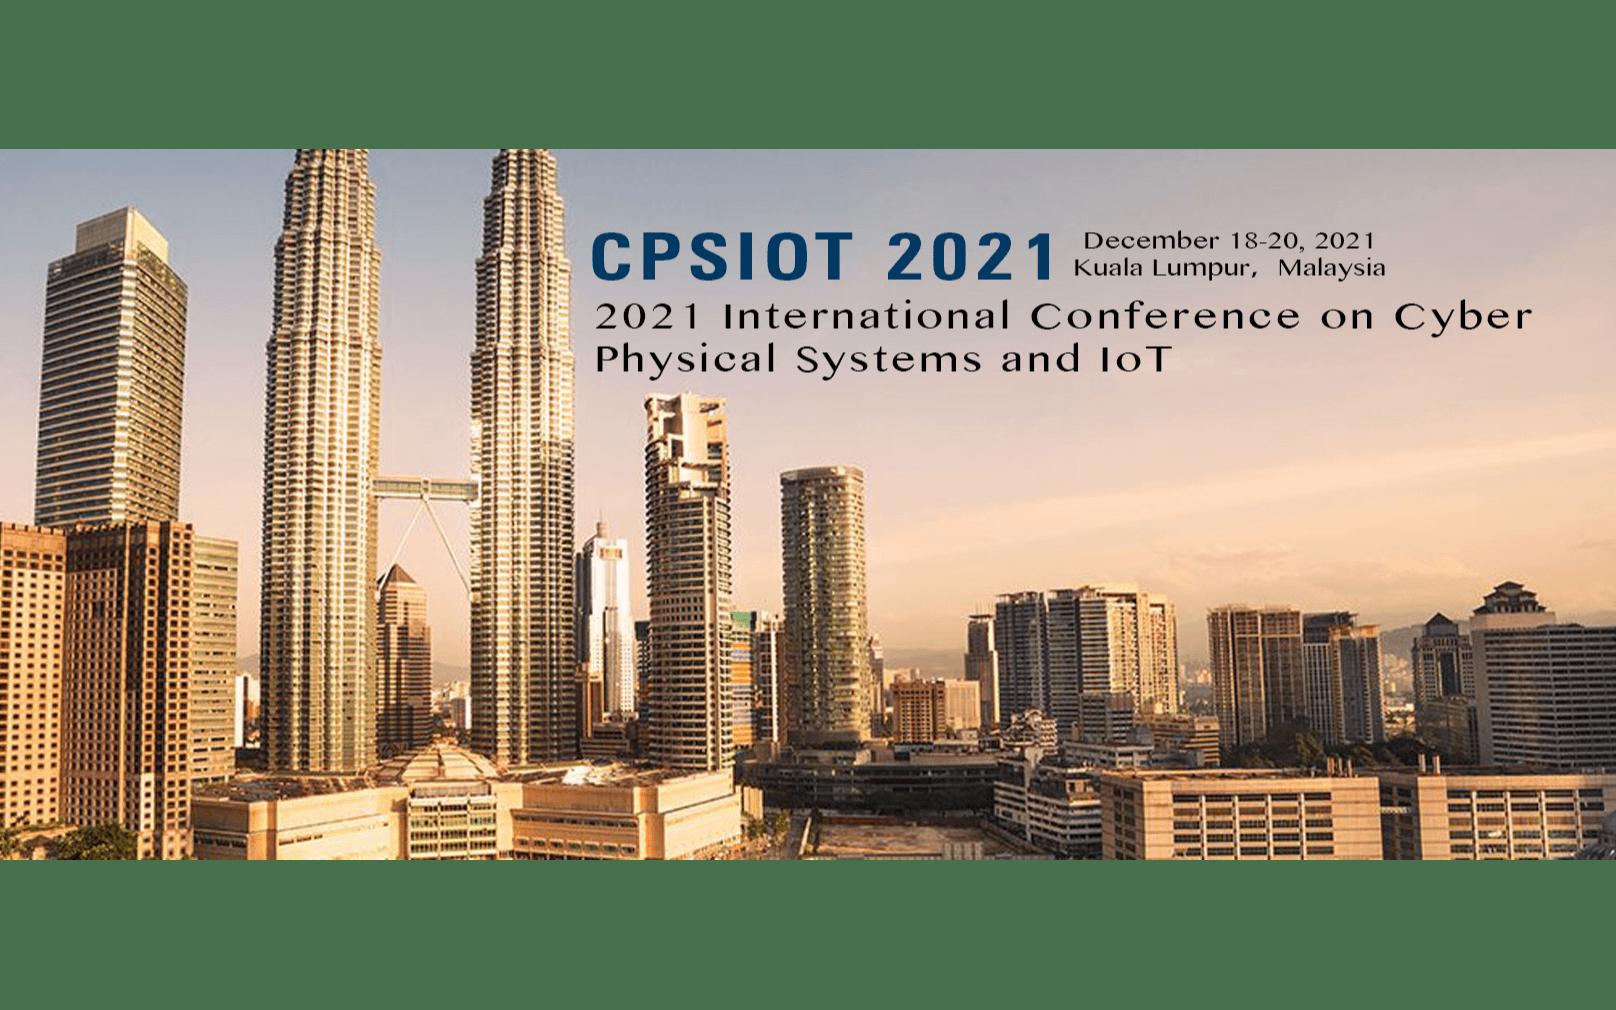 2021年信息物理系统与物联网国际会议(CPSIOT 2021)